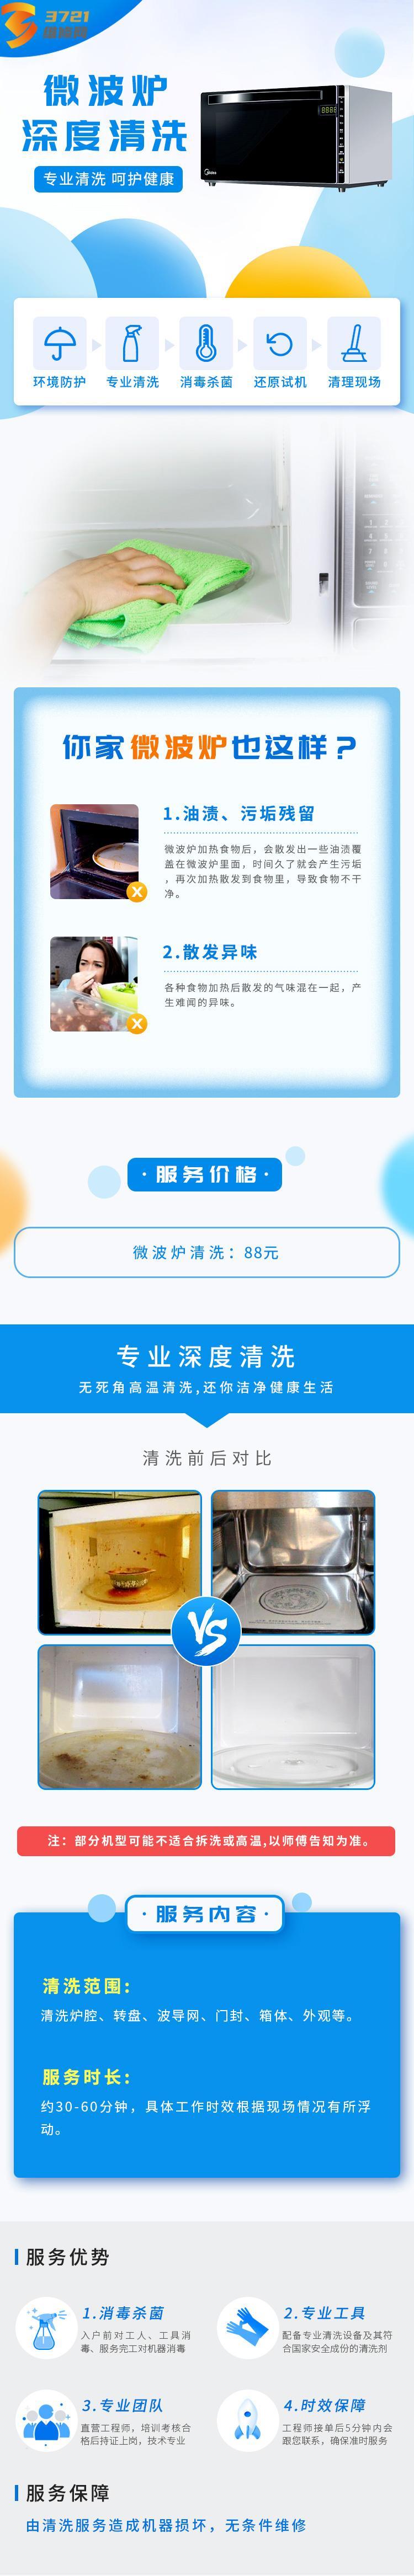 微波爐-清洗升級詳情.jpg